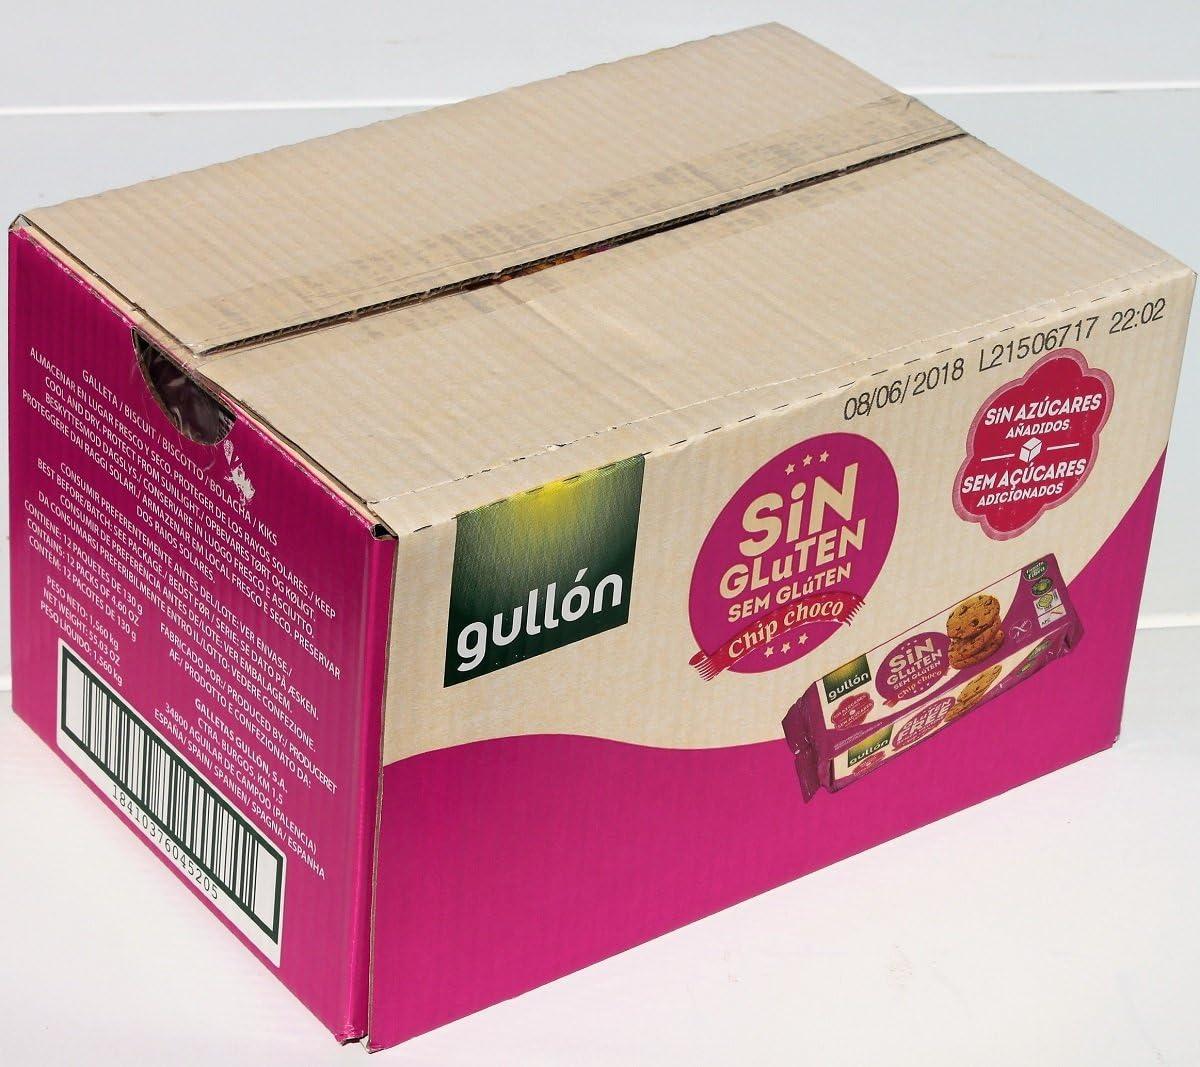 Galletas sin gluten con chips de chocolate GULLÓN (12 paquetes)